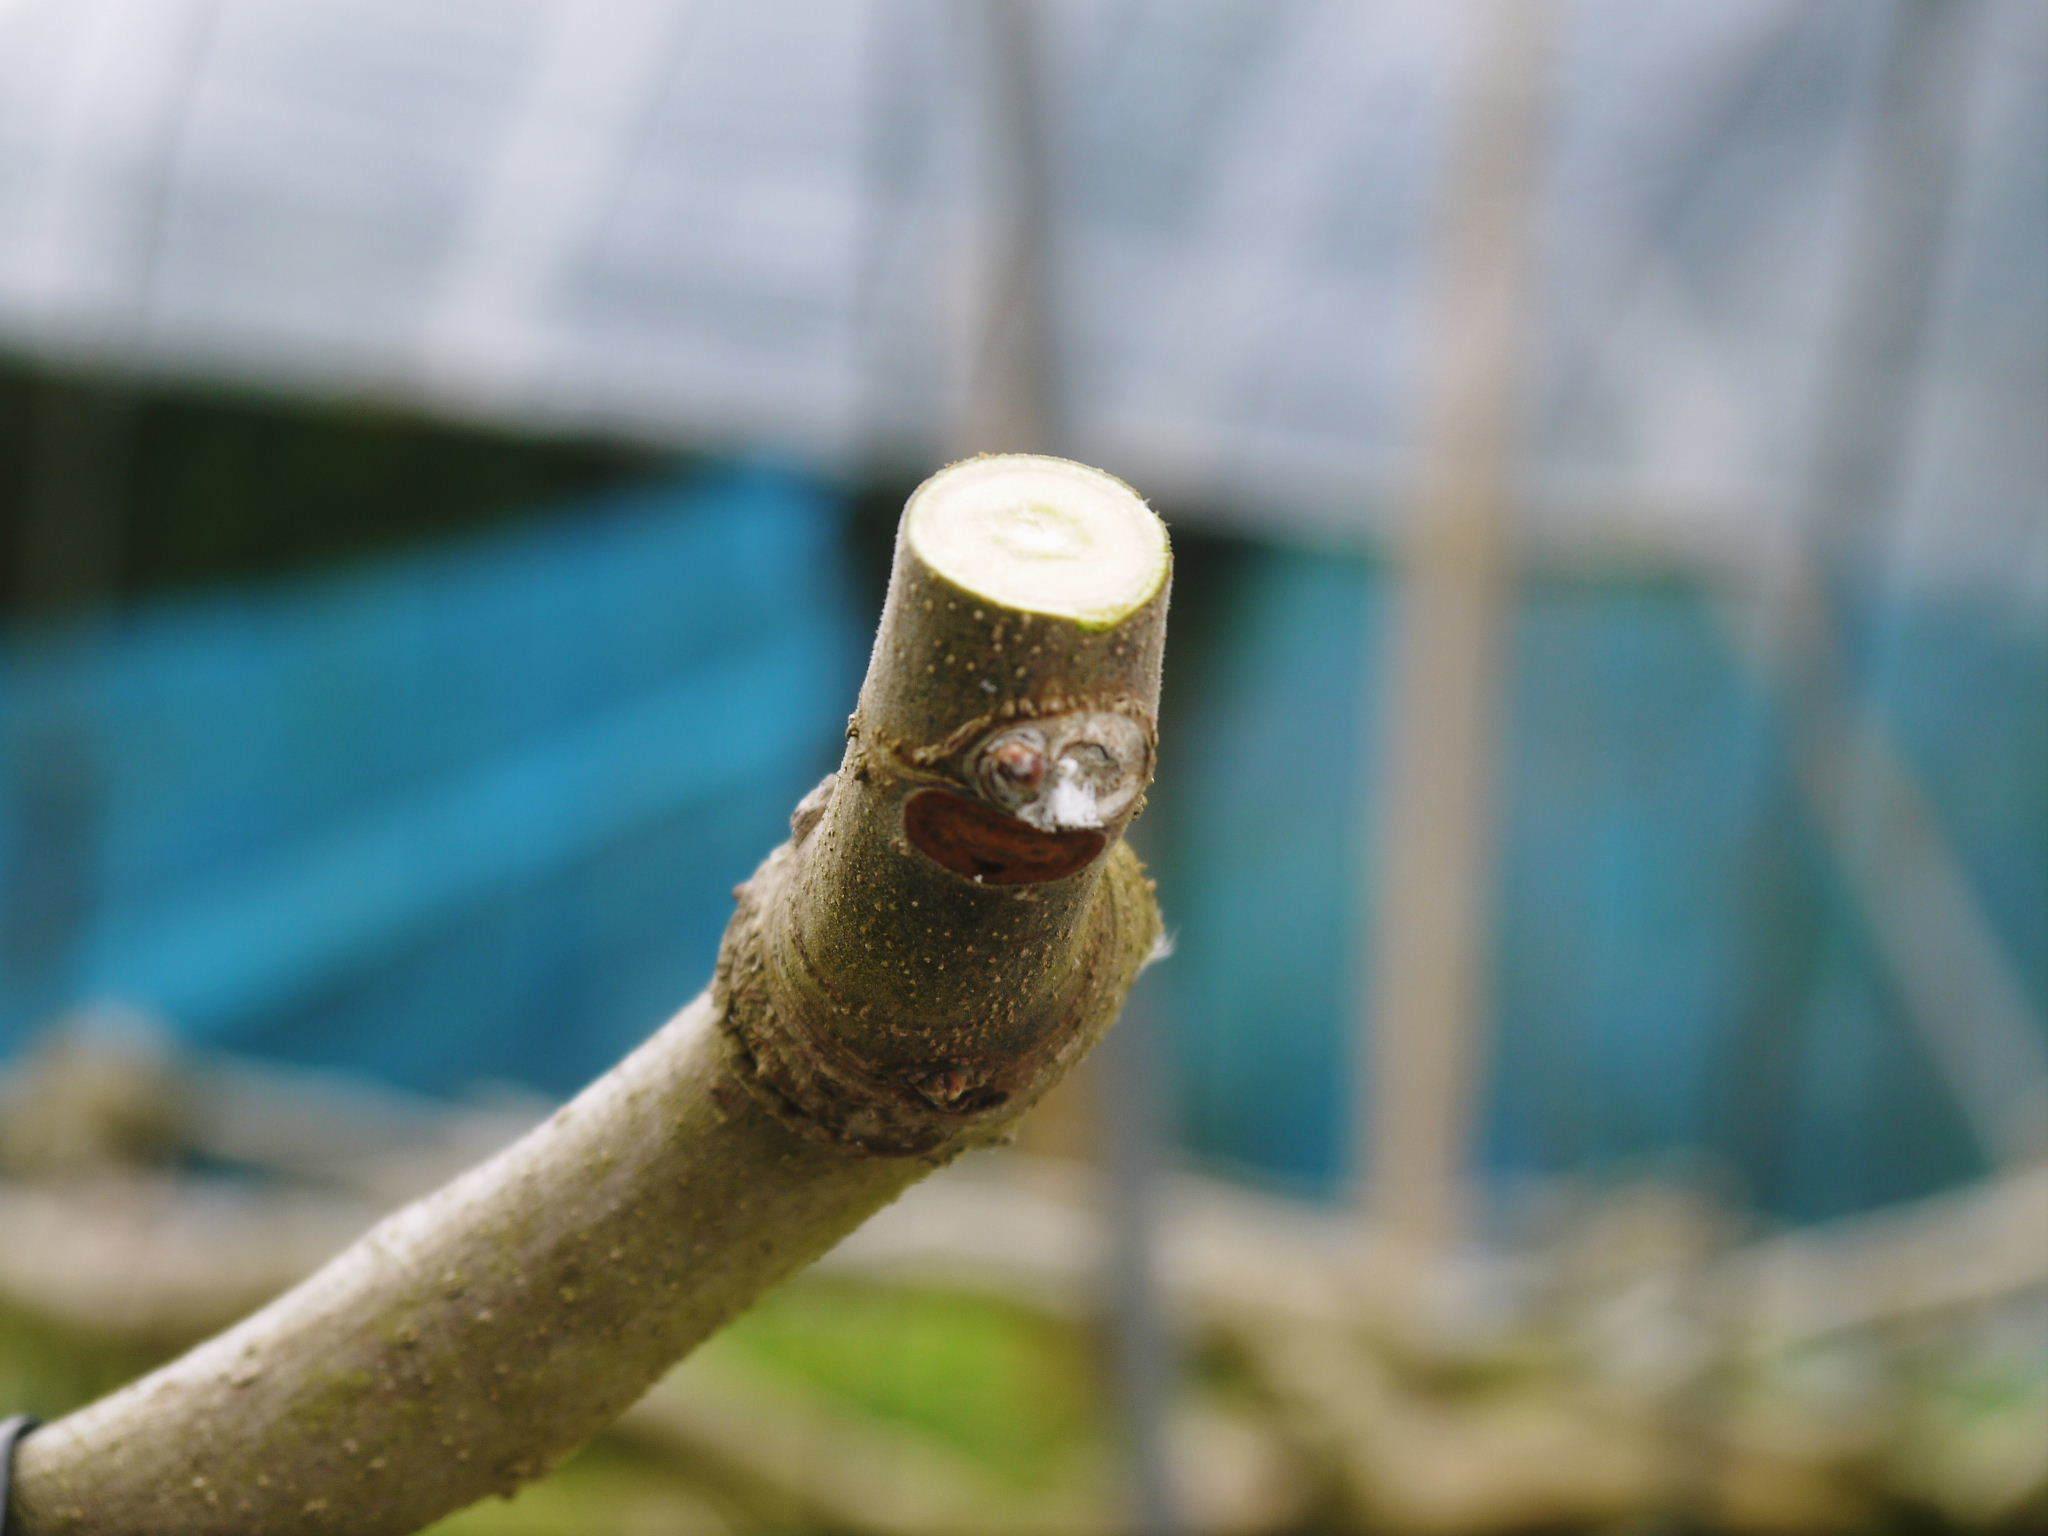 甘熟イチジク 匠の剪定作業2021 前編:結果枝を匠の剪定!1節から実るように弱い芽を残します! _a0254656_17454576.jpg